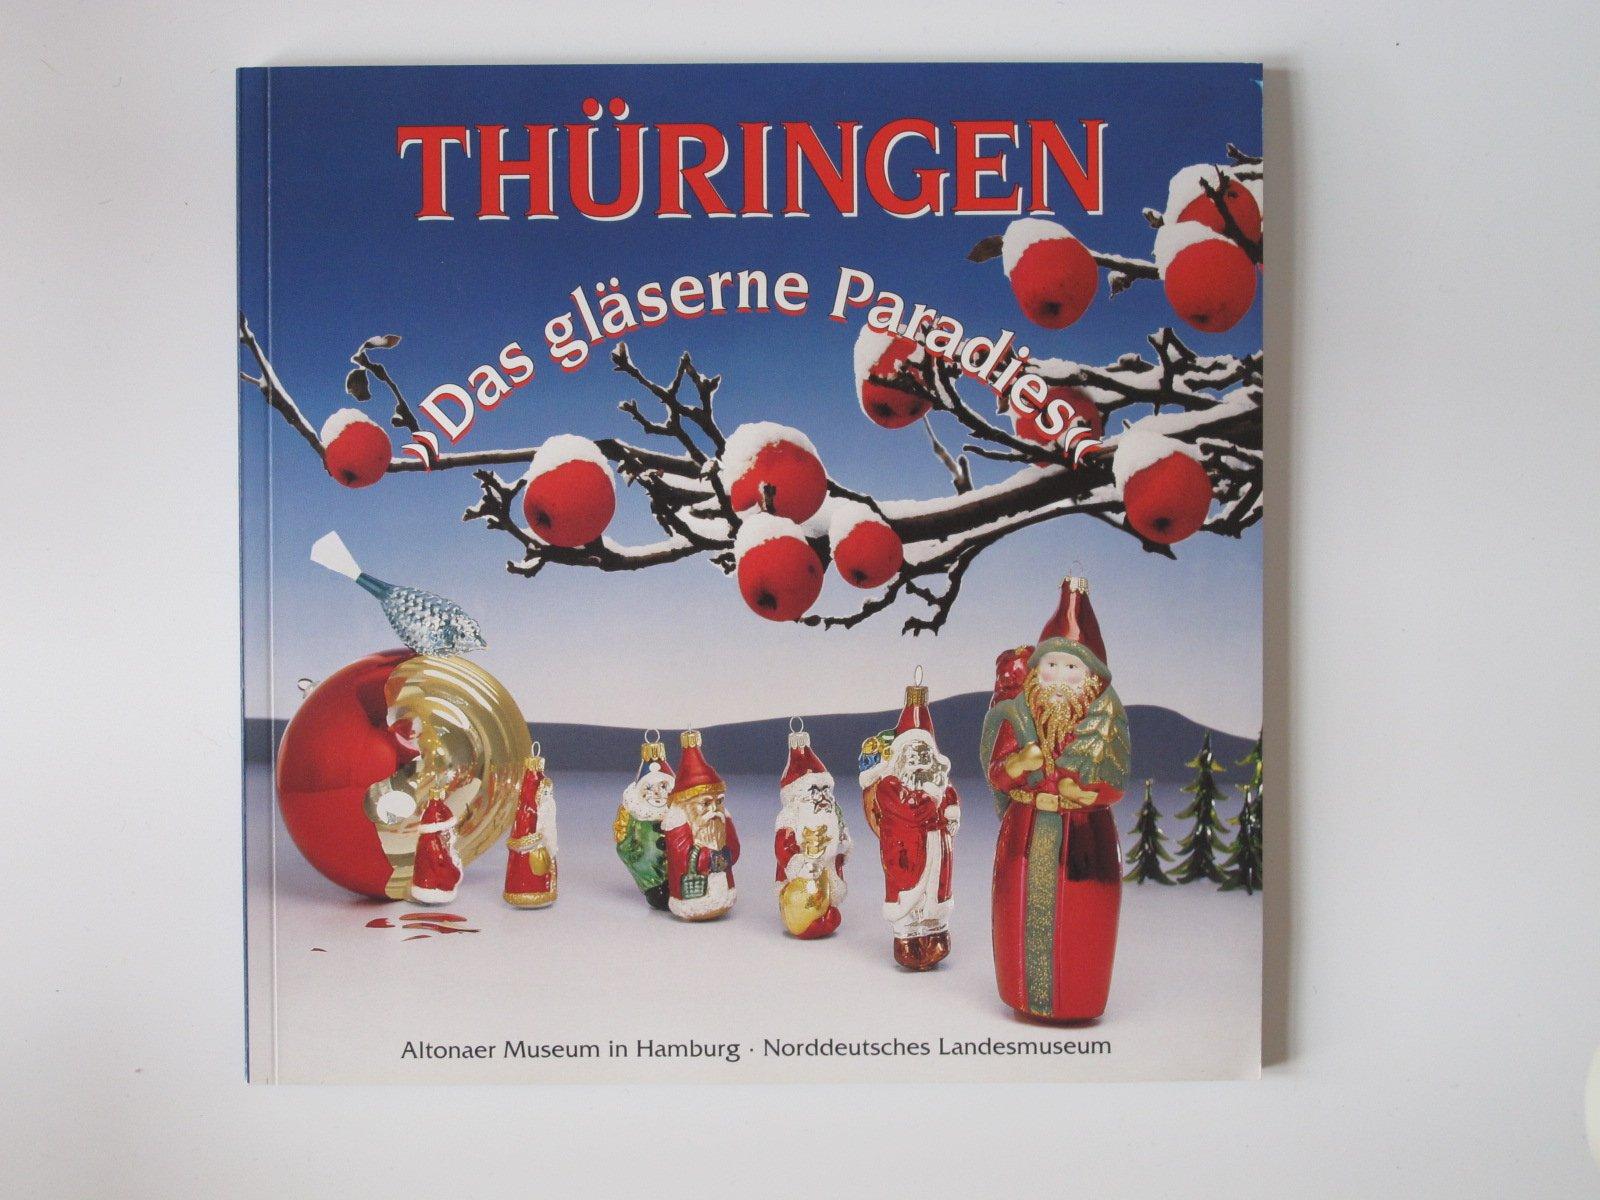 Thuringen Das Glaserne Paradies Eine Ausstellung Des Altonaer